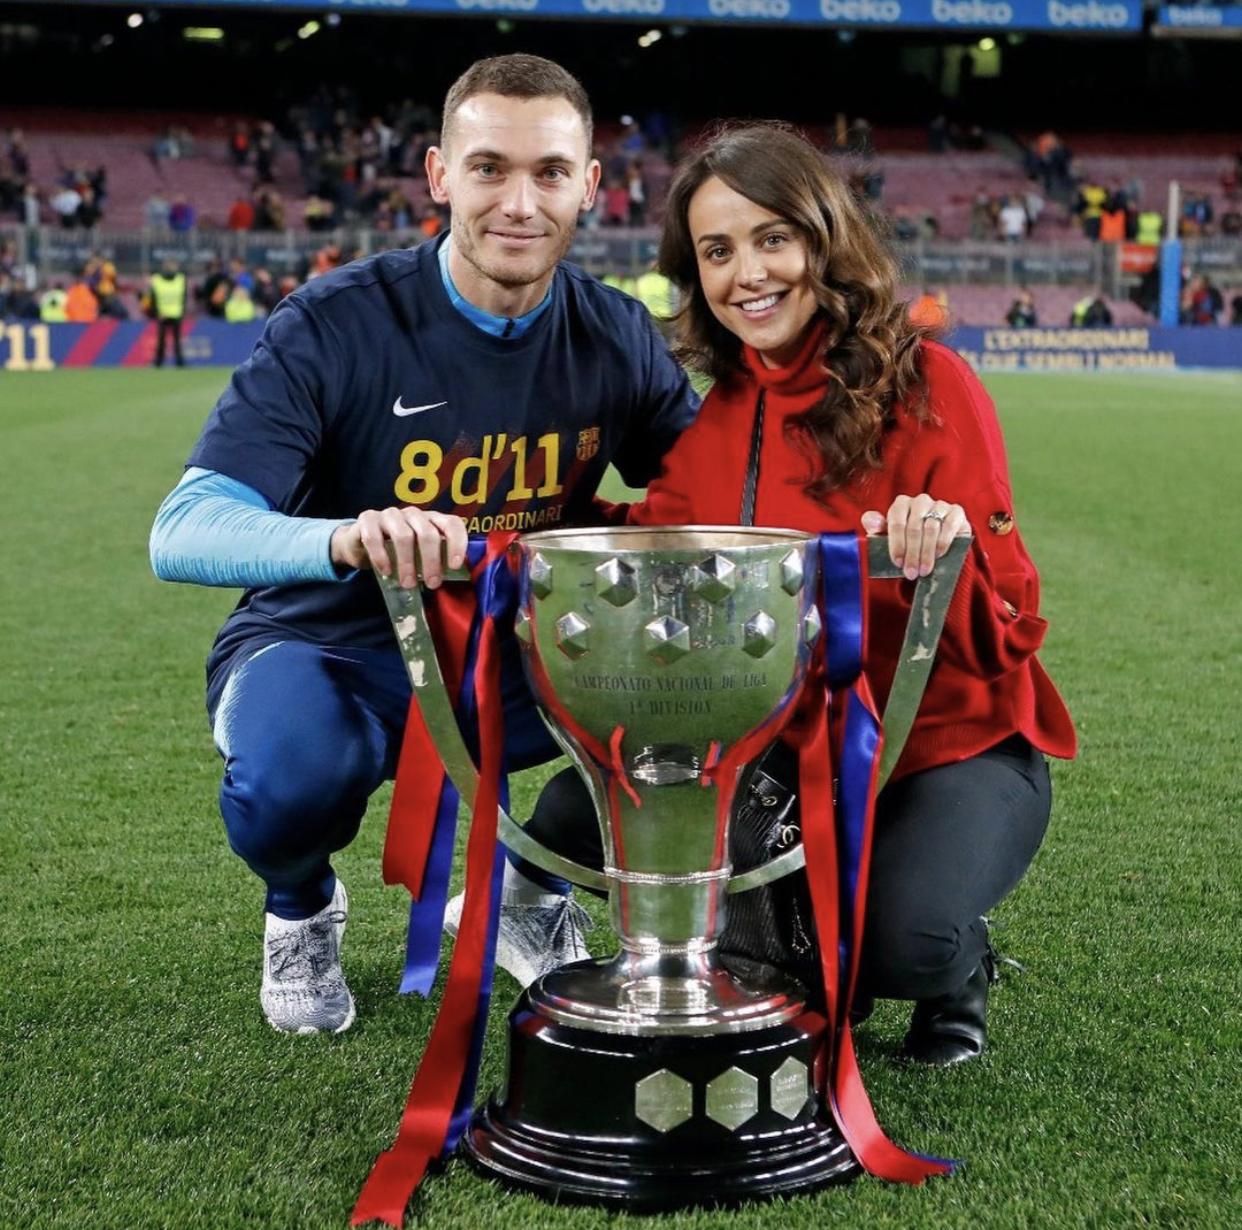 Полли Парсонс — супруга экс-защитника «Барселоны» и лондонского «Арсенала» Томаса Вермалена